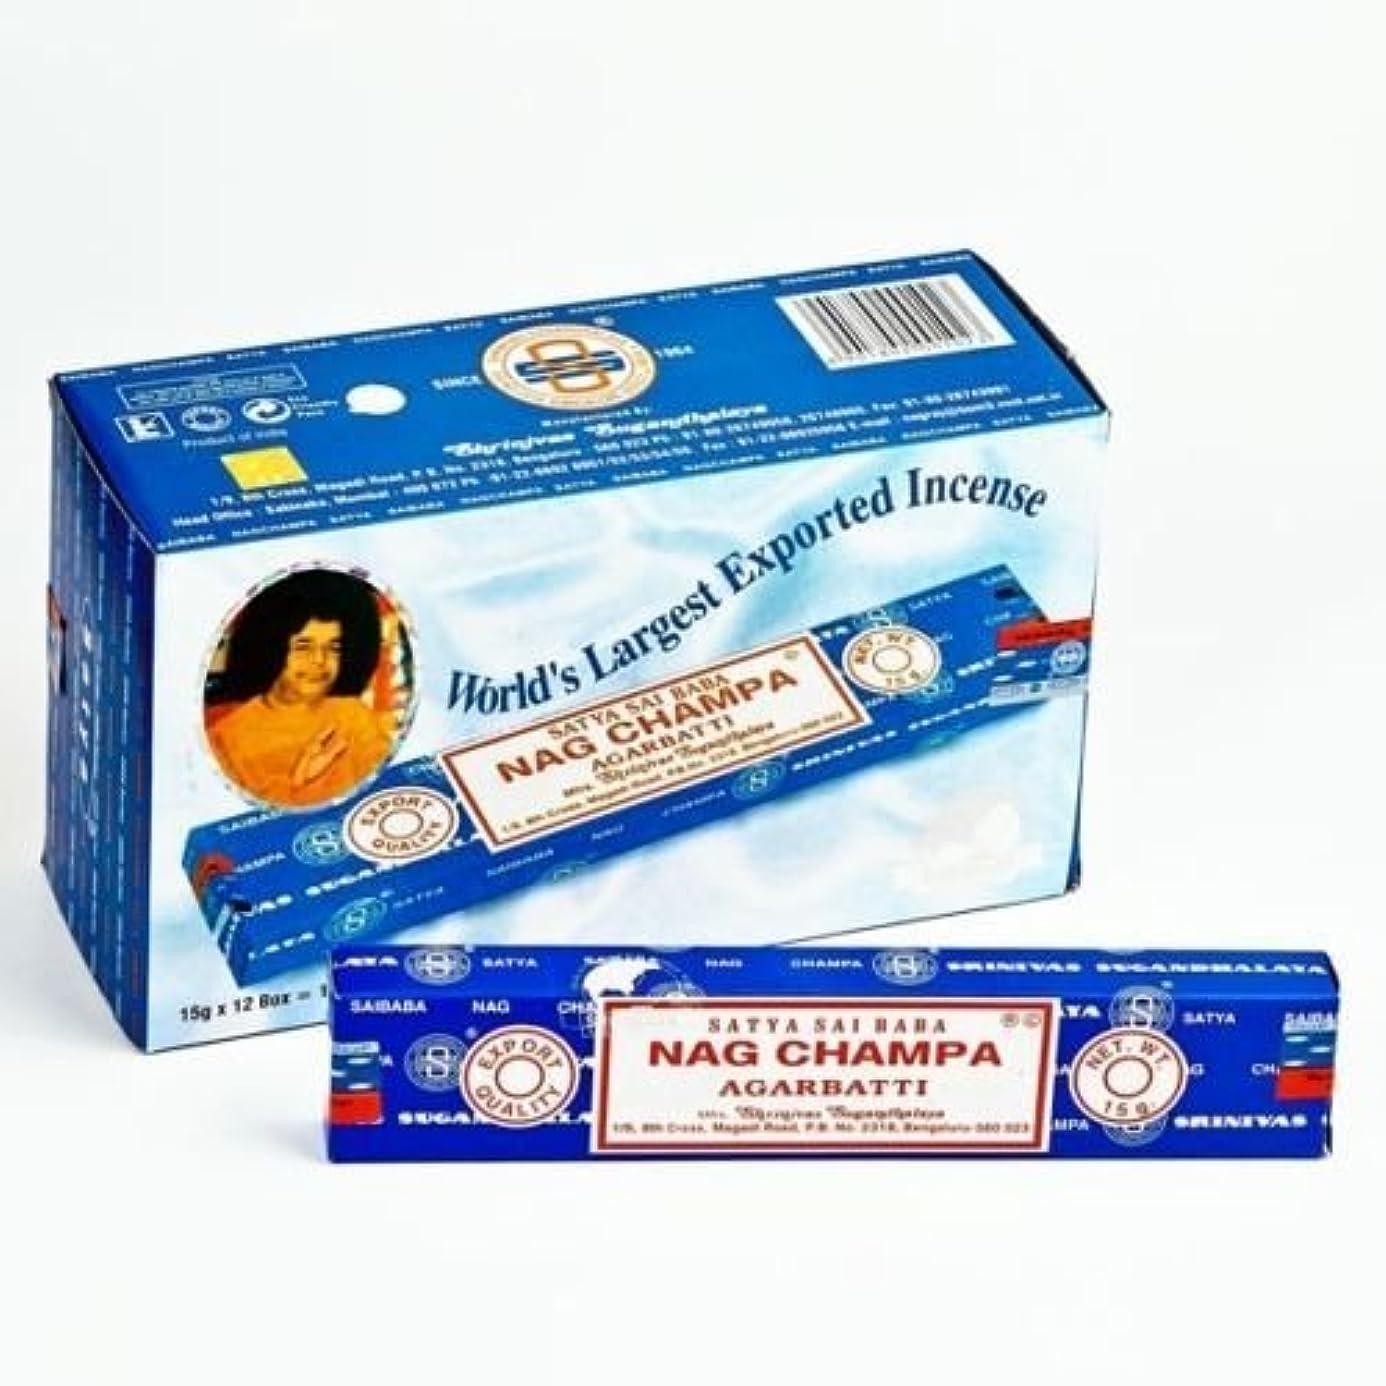 ナラーバーアルバニー突撃Nag Champa incense sticks 15G X 12 BOX = 180G